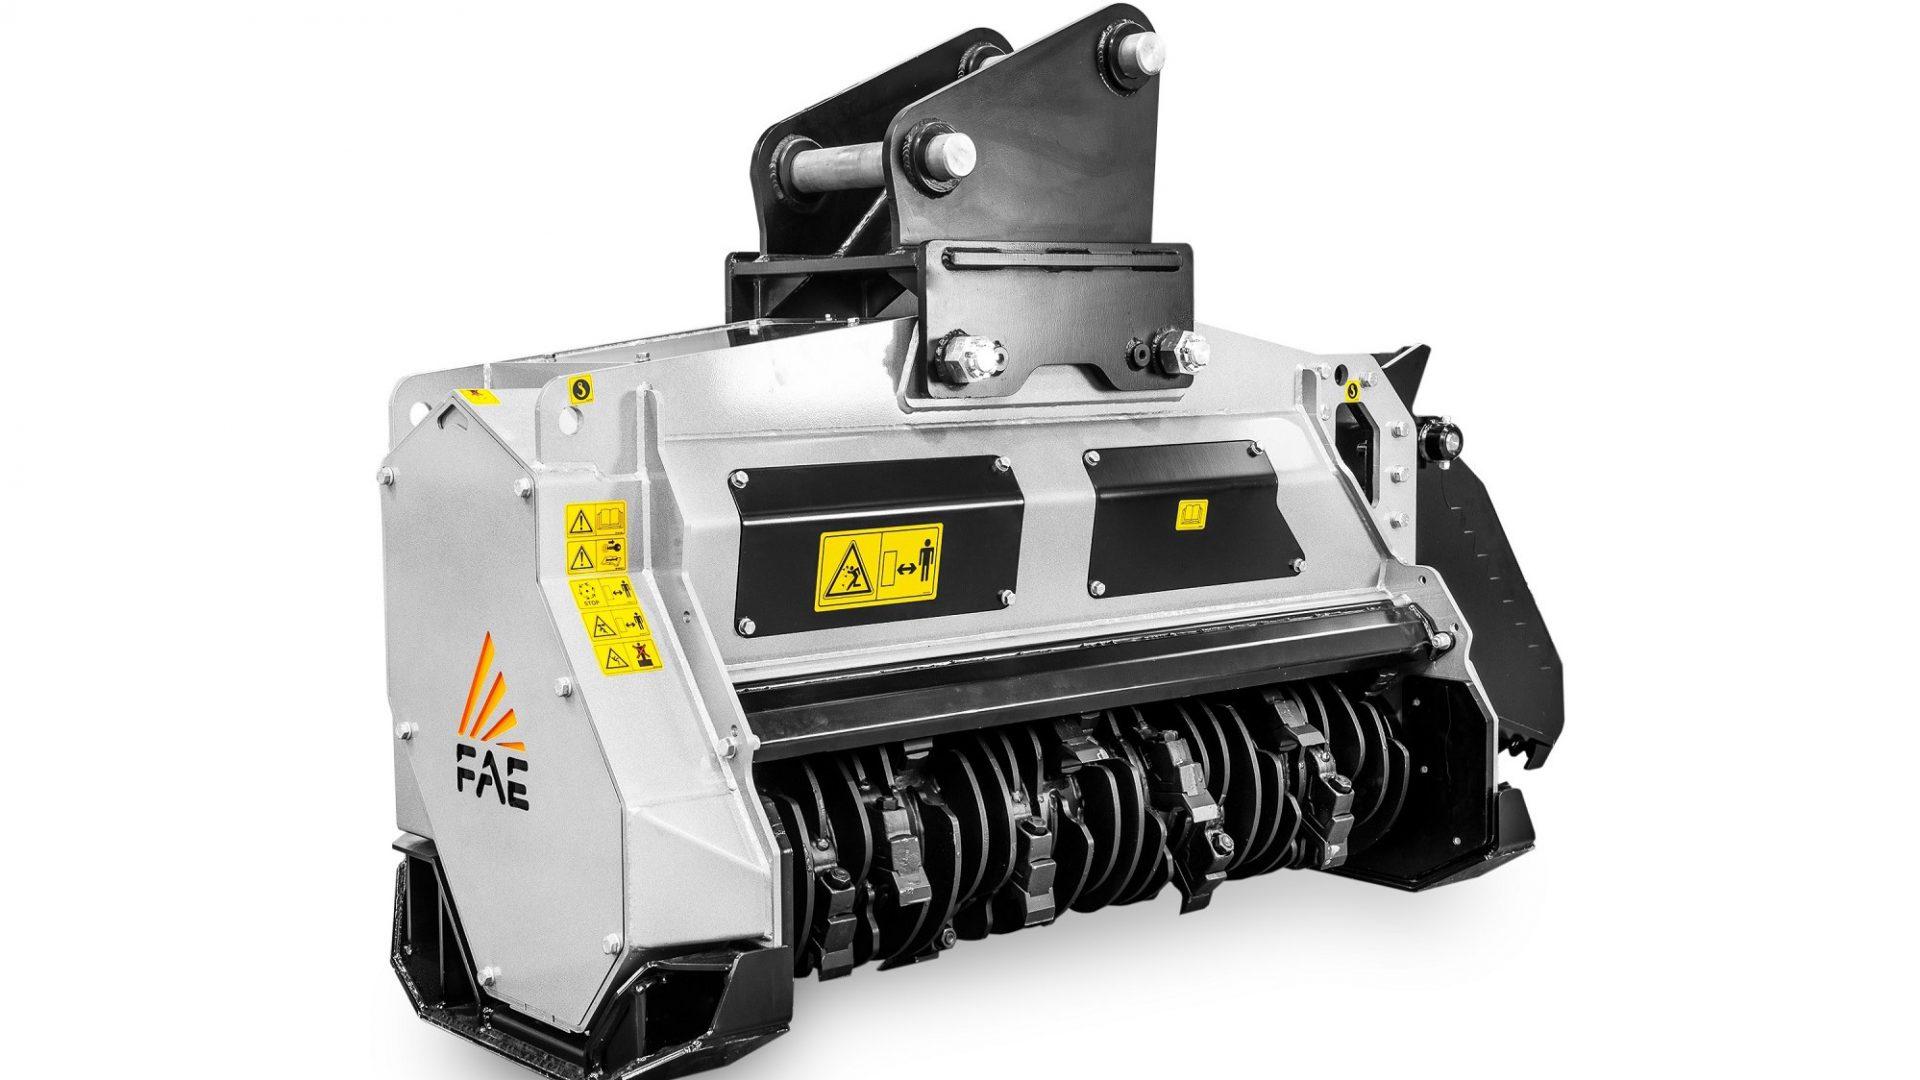 FAE BL4/EX/VT è la nuova trincia ad alte prestazioni per escavatori idraulici